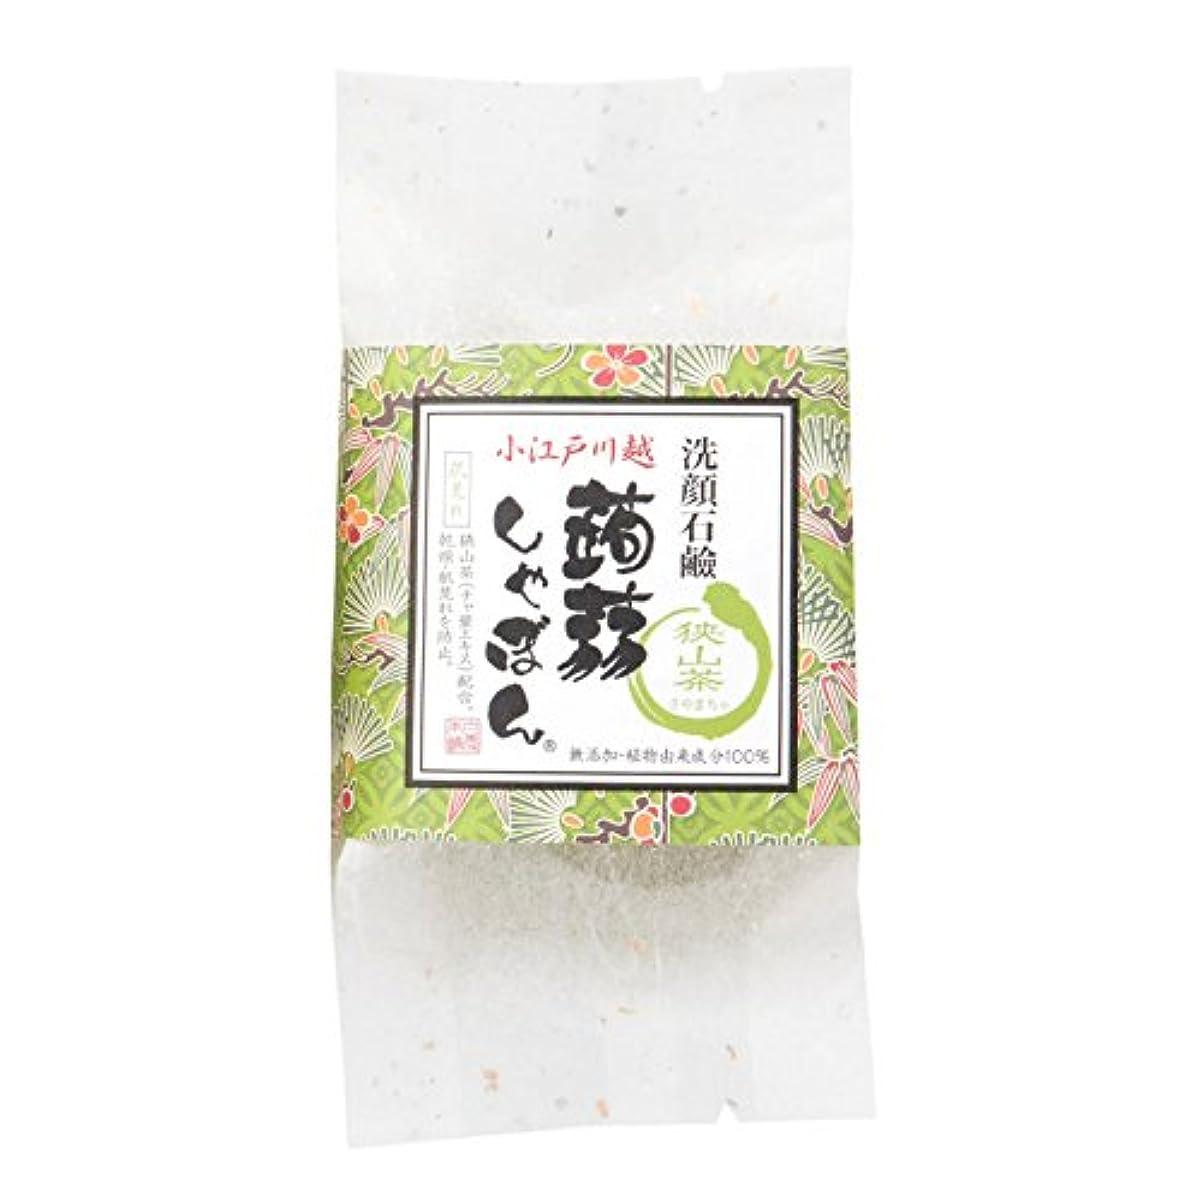 学生レベル足枷川越蒟蒻しゃぼん狭山茶(さやまちゃ)